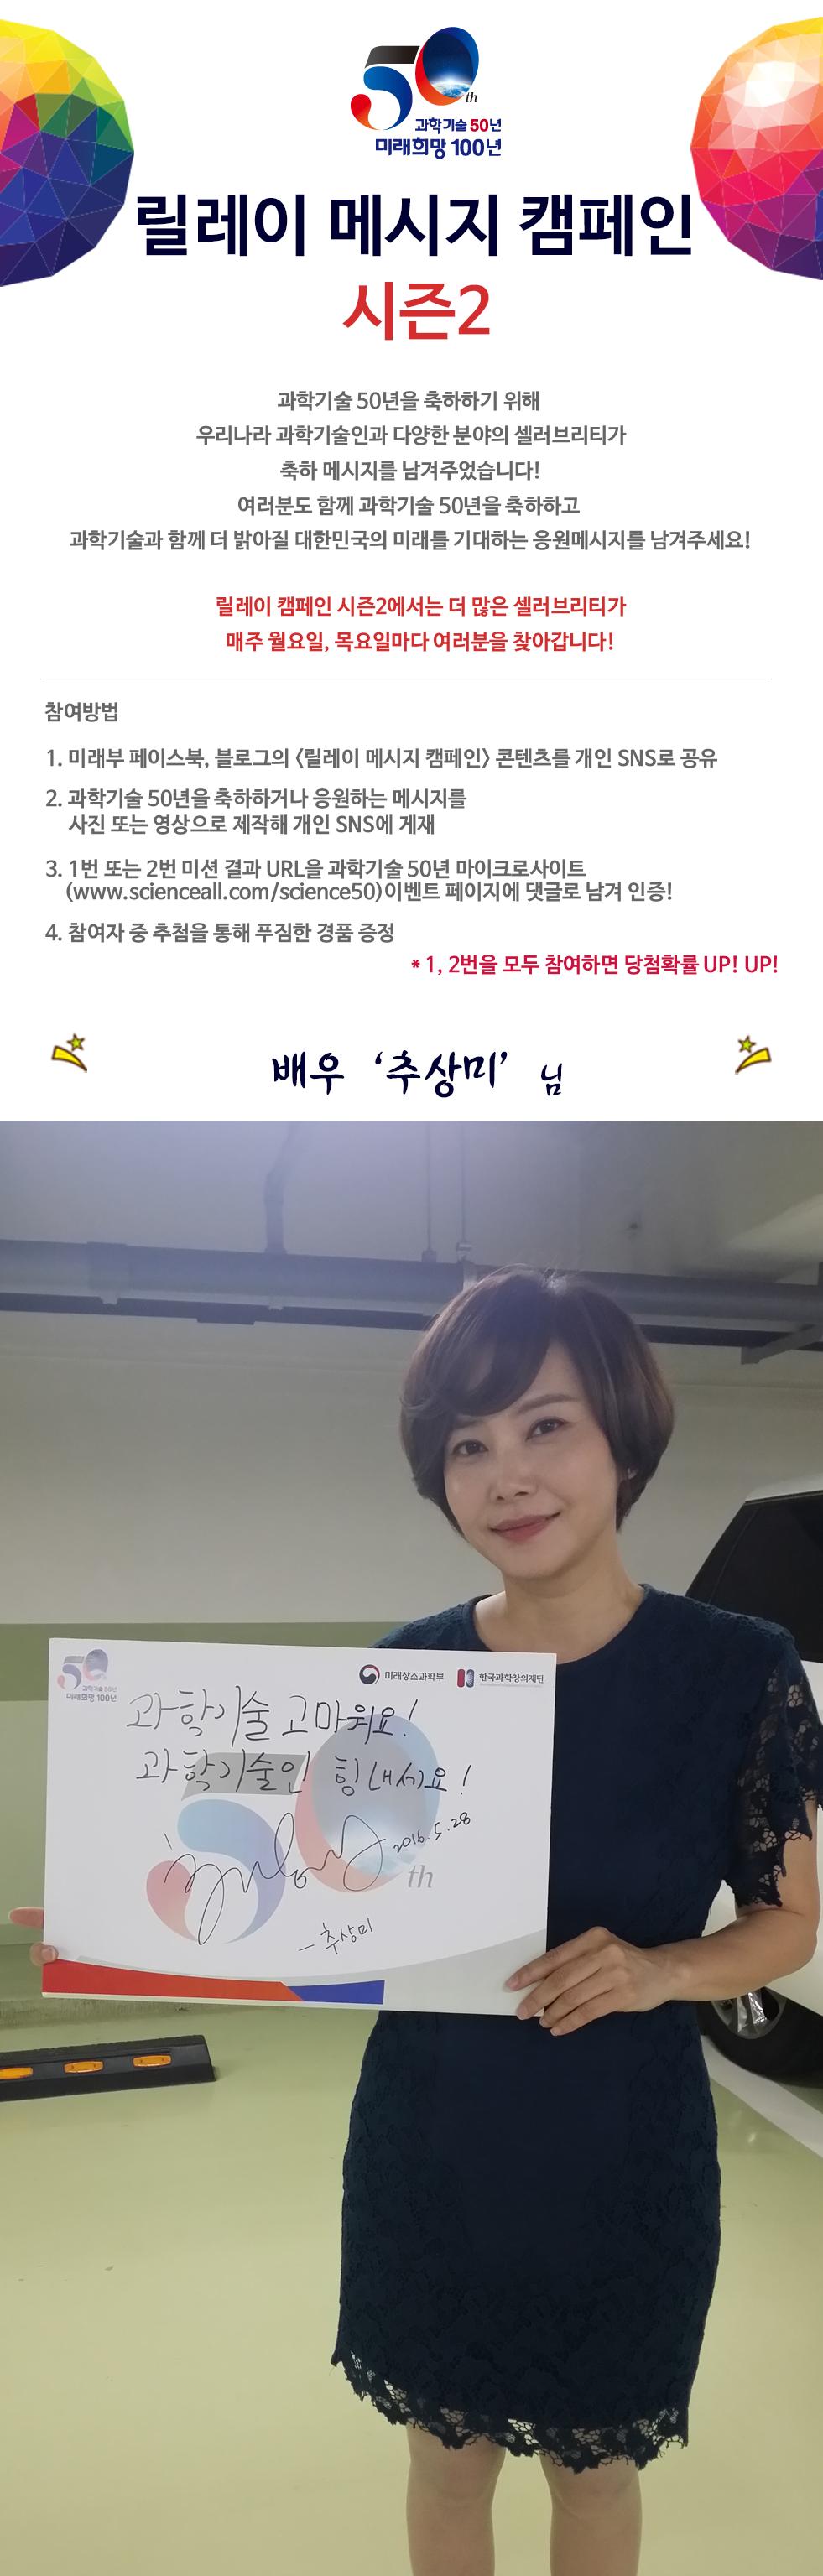 배우 추상미_50년사이트 및 블로그 게재용